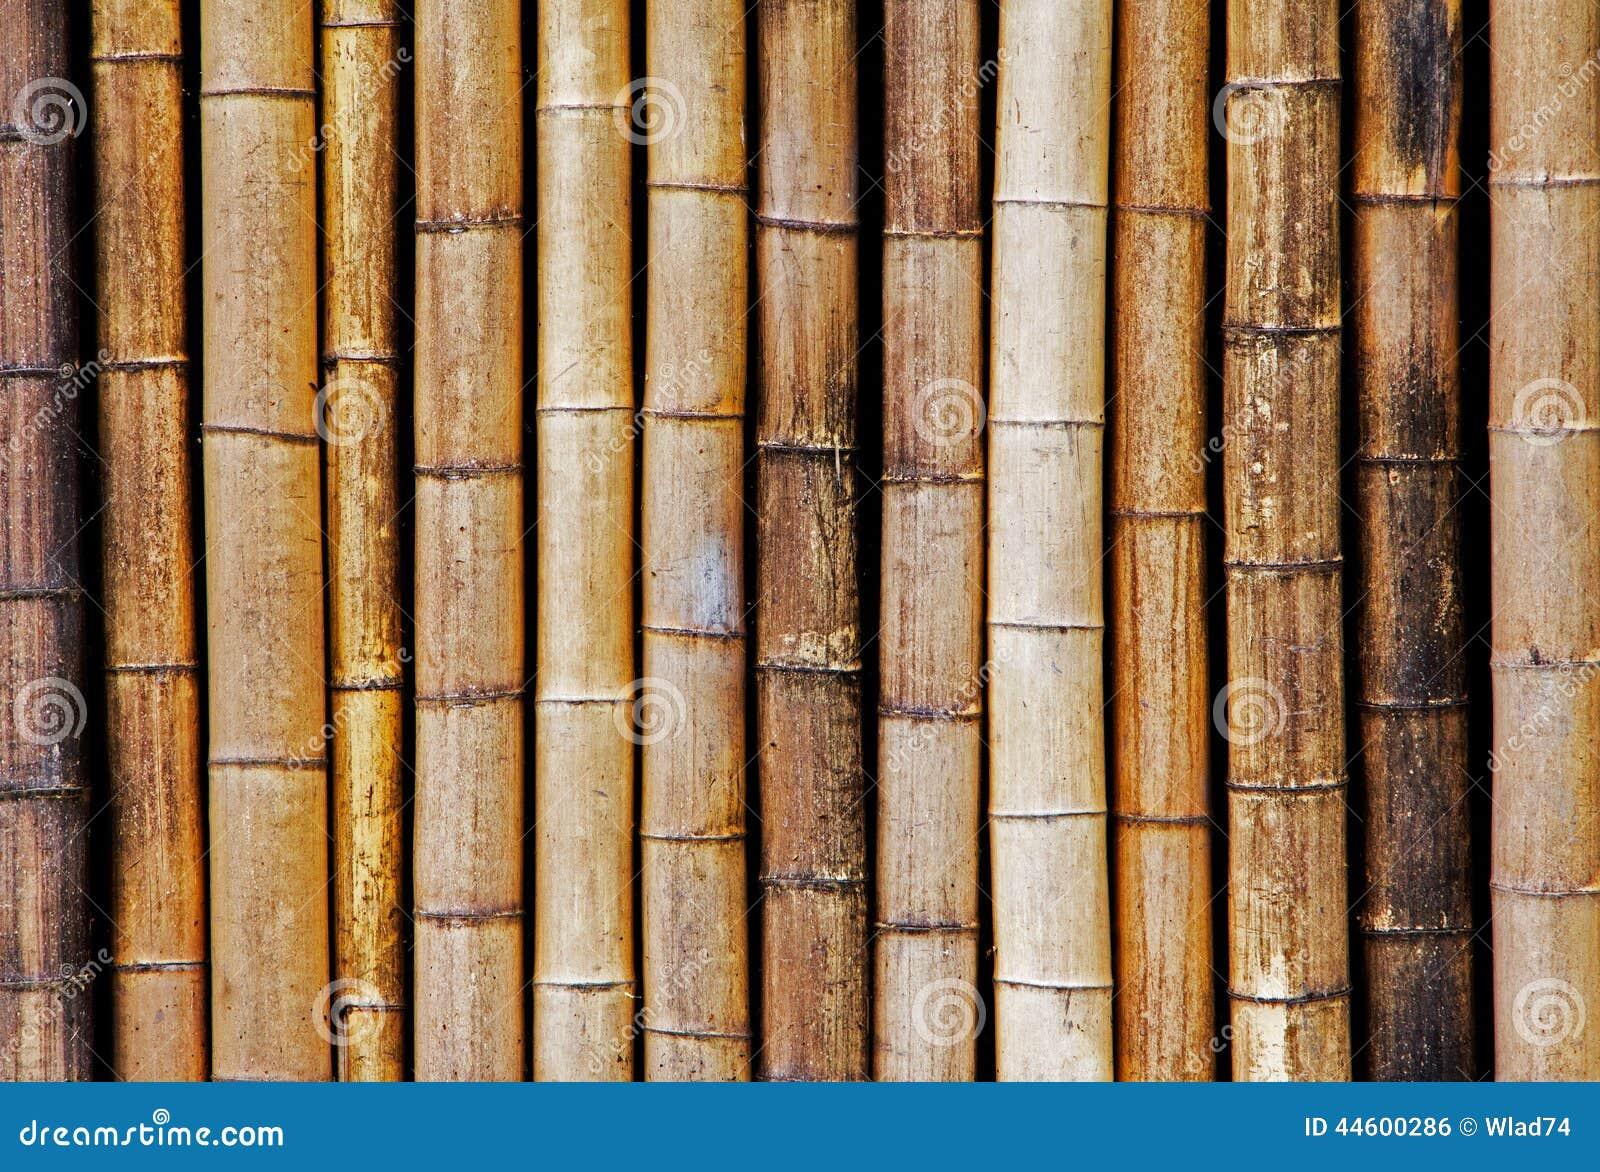 fond de vieille et s che barri re en bambou photo stock image 44600286. Black Bedroom Furniture Sets. Home Design Ideas